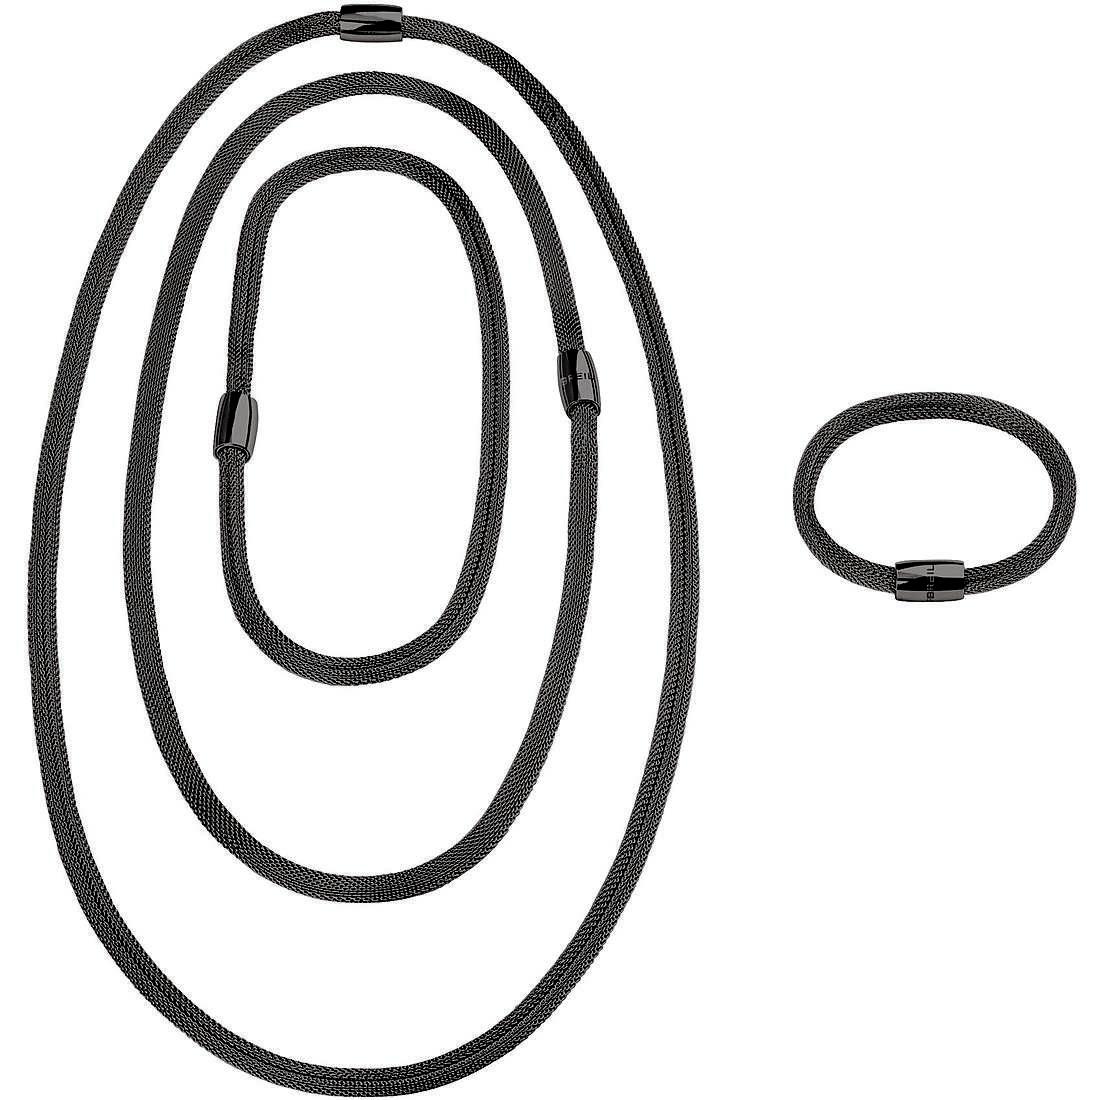 Gioiello multi indosso girocollo-bracciale-collana Breil New Snake Soft Codice: TJ2842